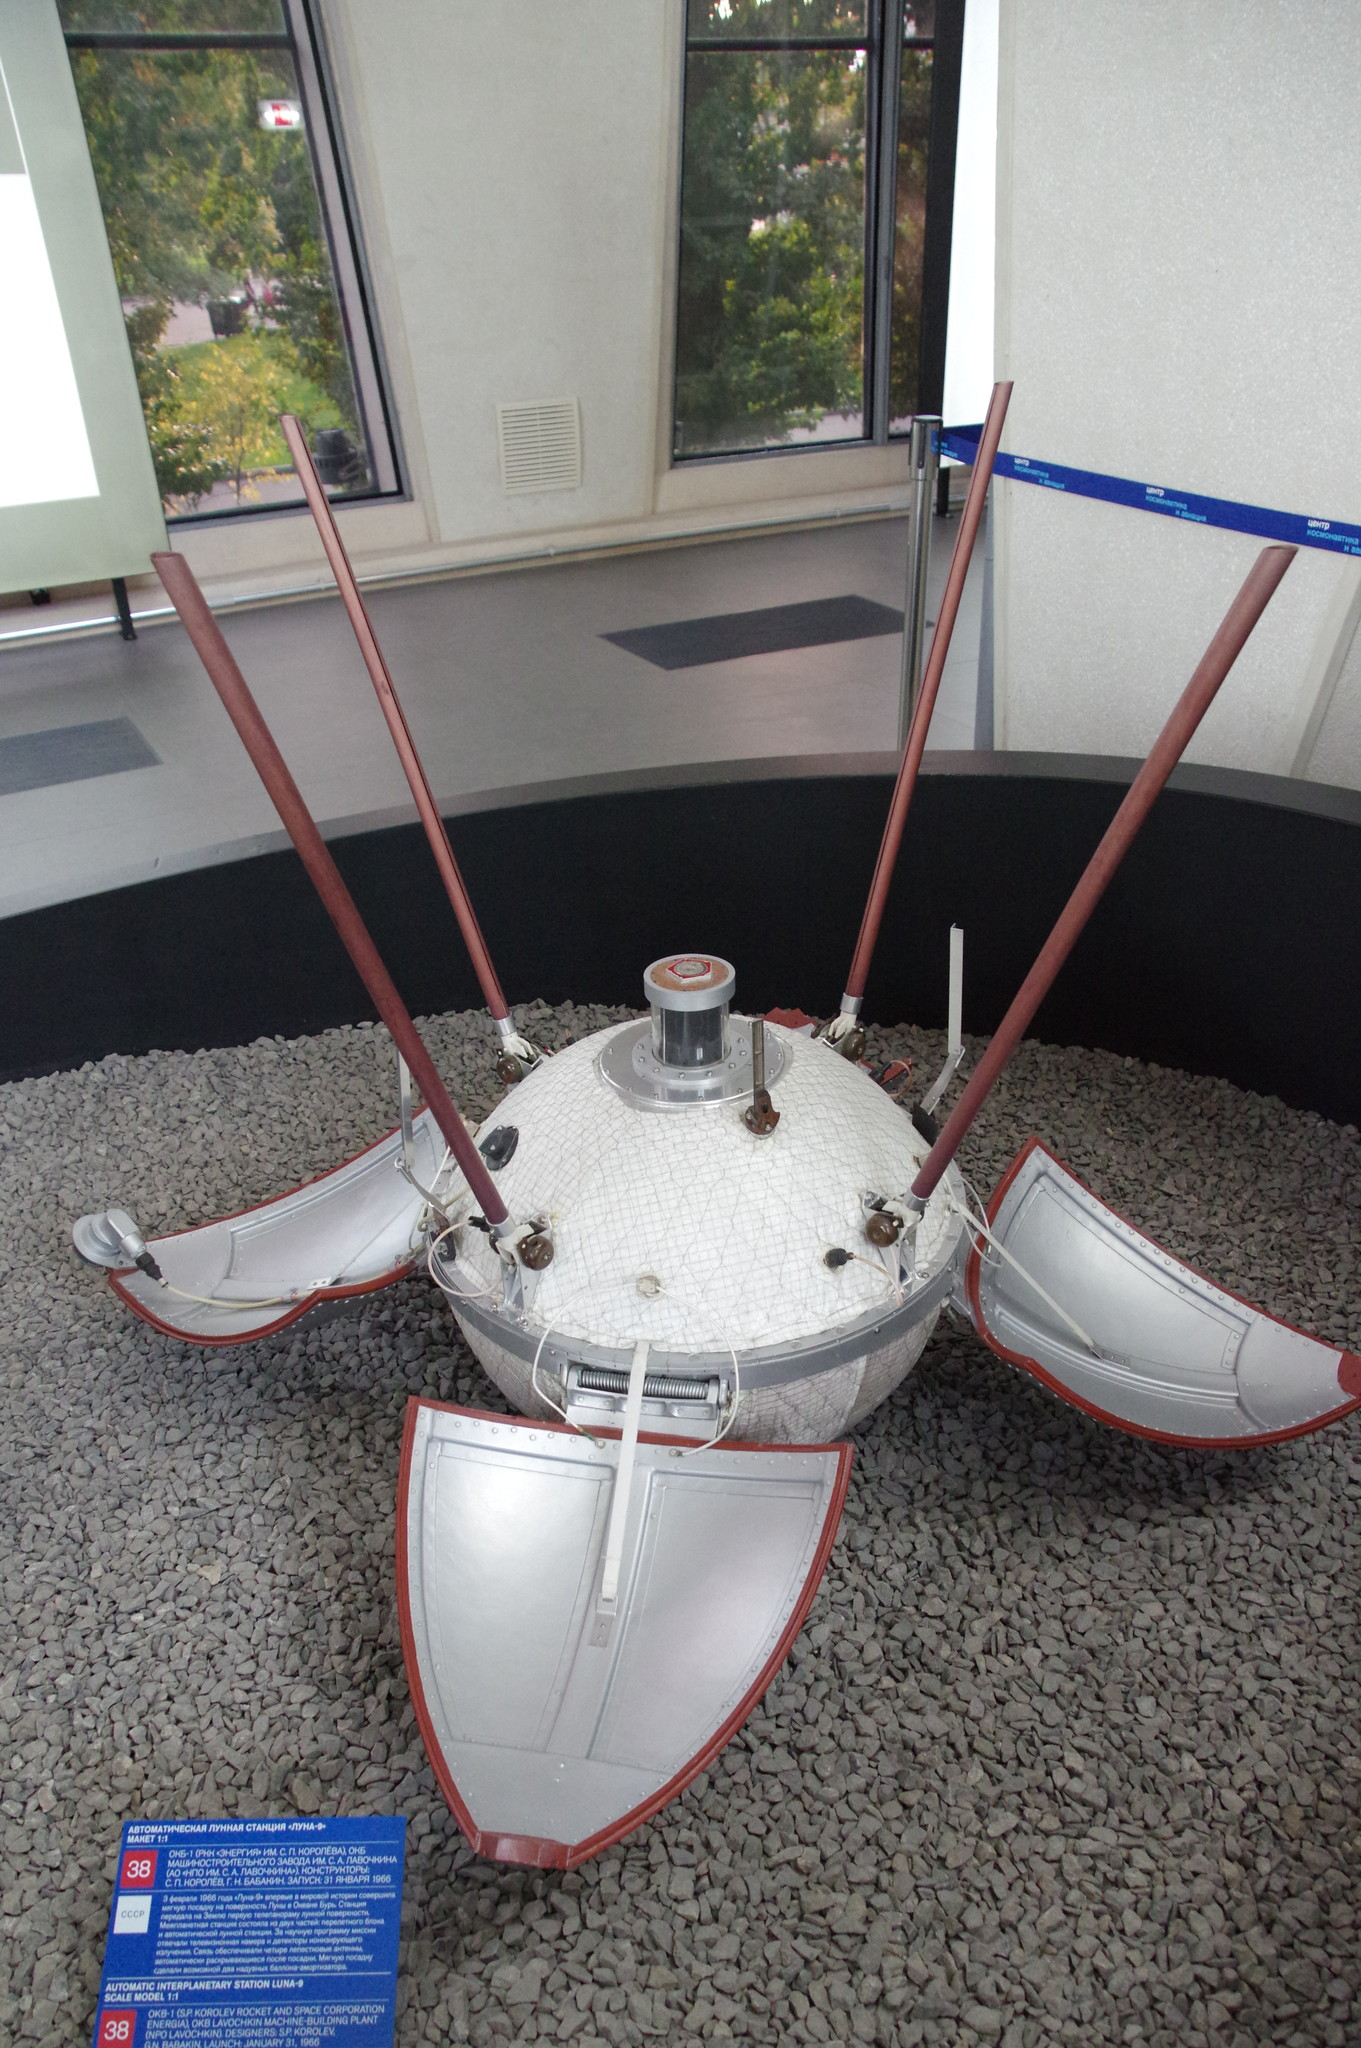 Автоматическая лунная станция «Луна-9». Макет 1:1. Центр «Космонавтика и авиация» на ВДНХ